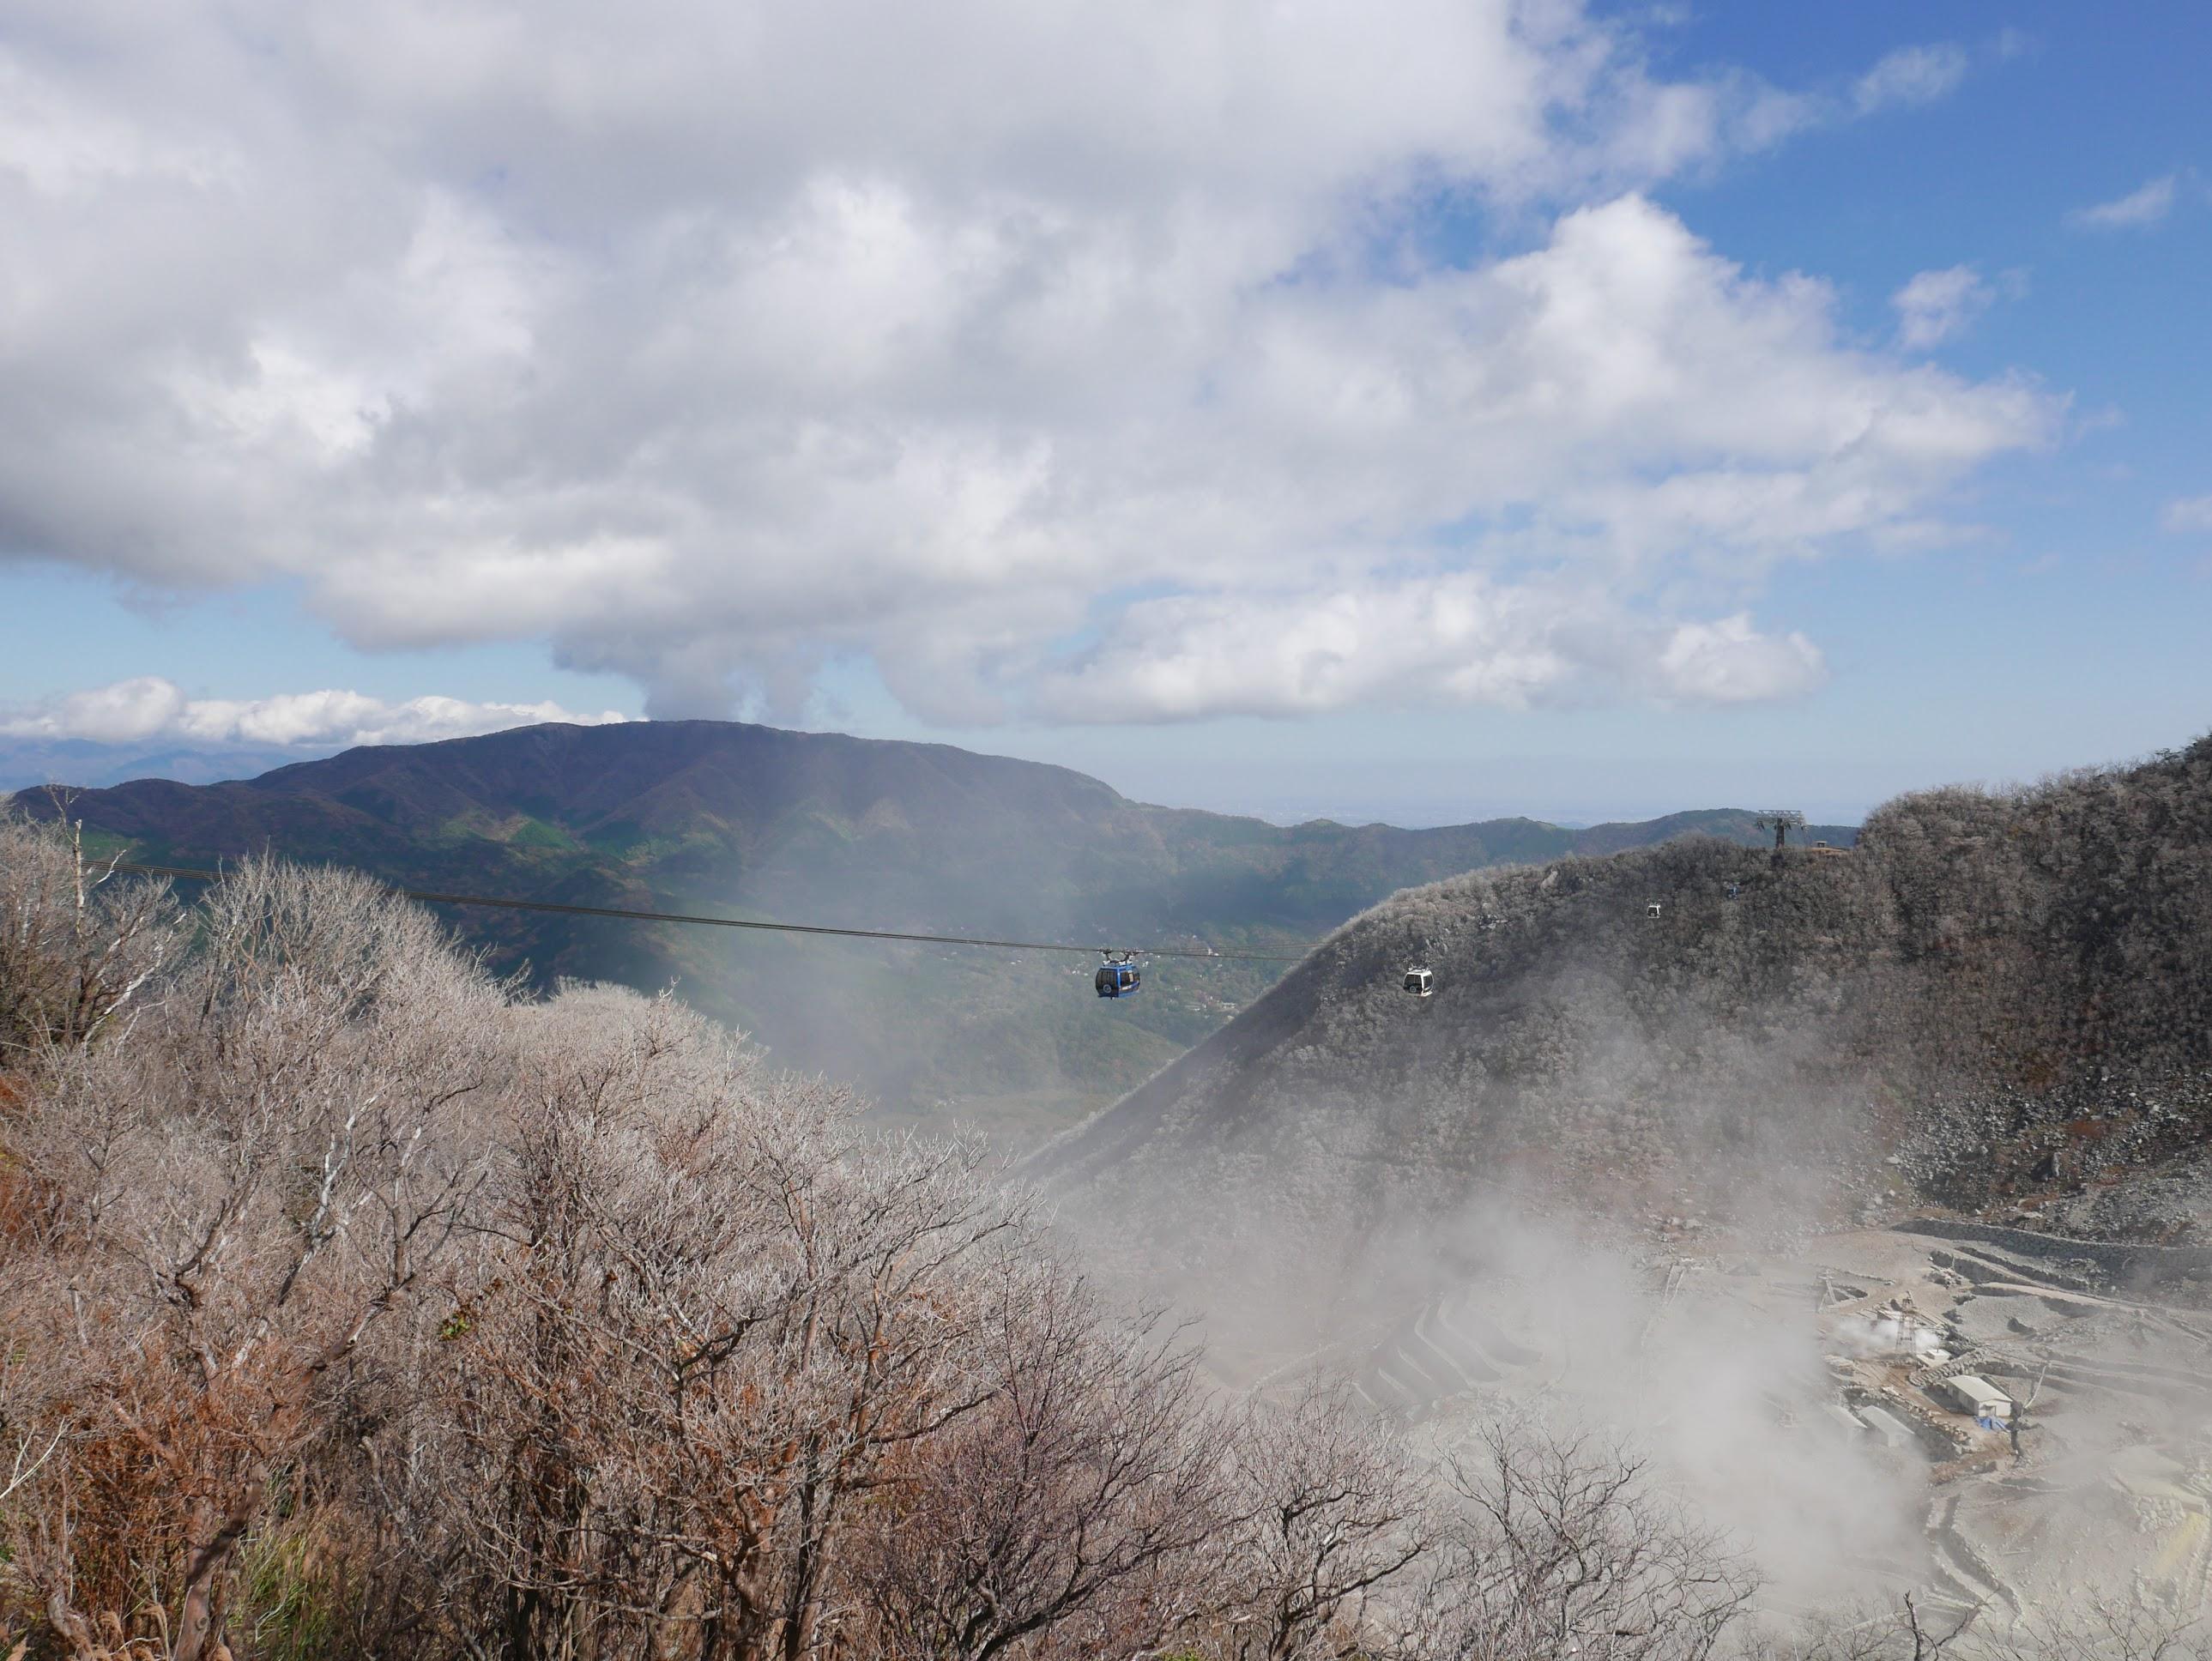 丹尼私遊記: 第八章 - 箱根町:富士山之初見